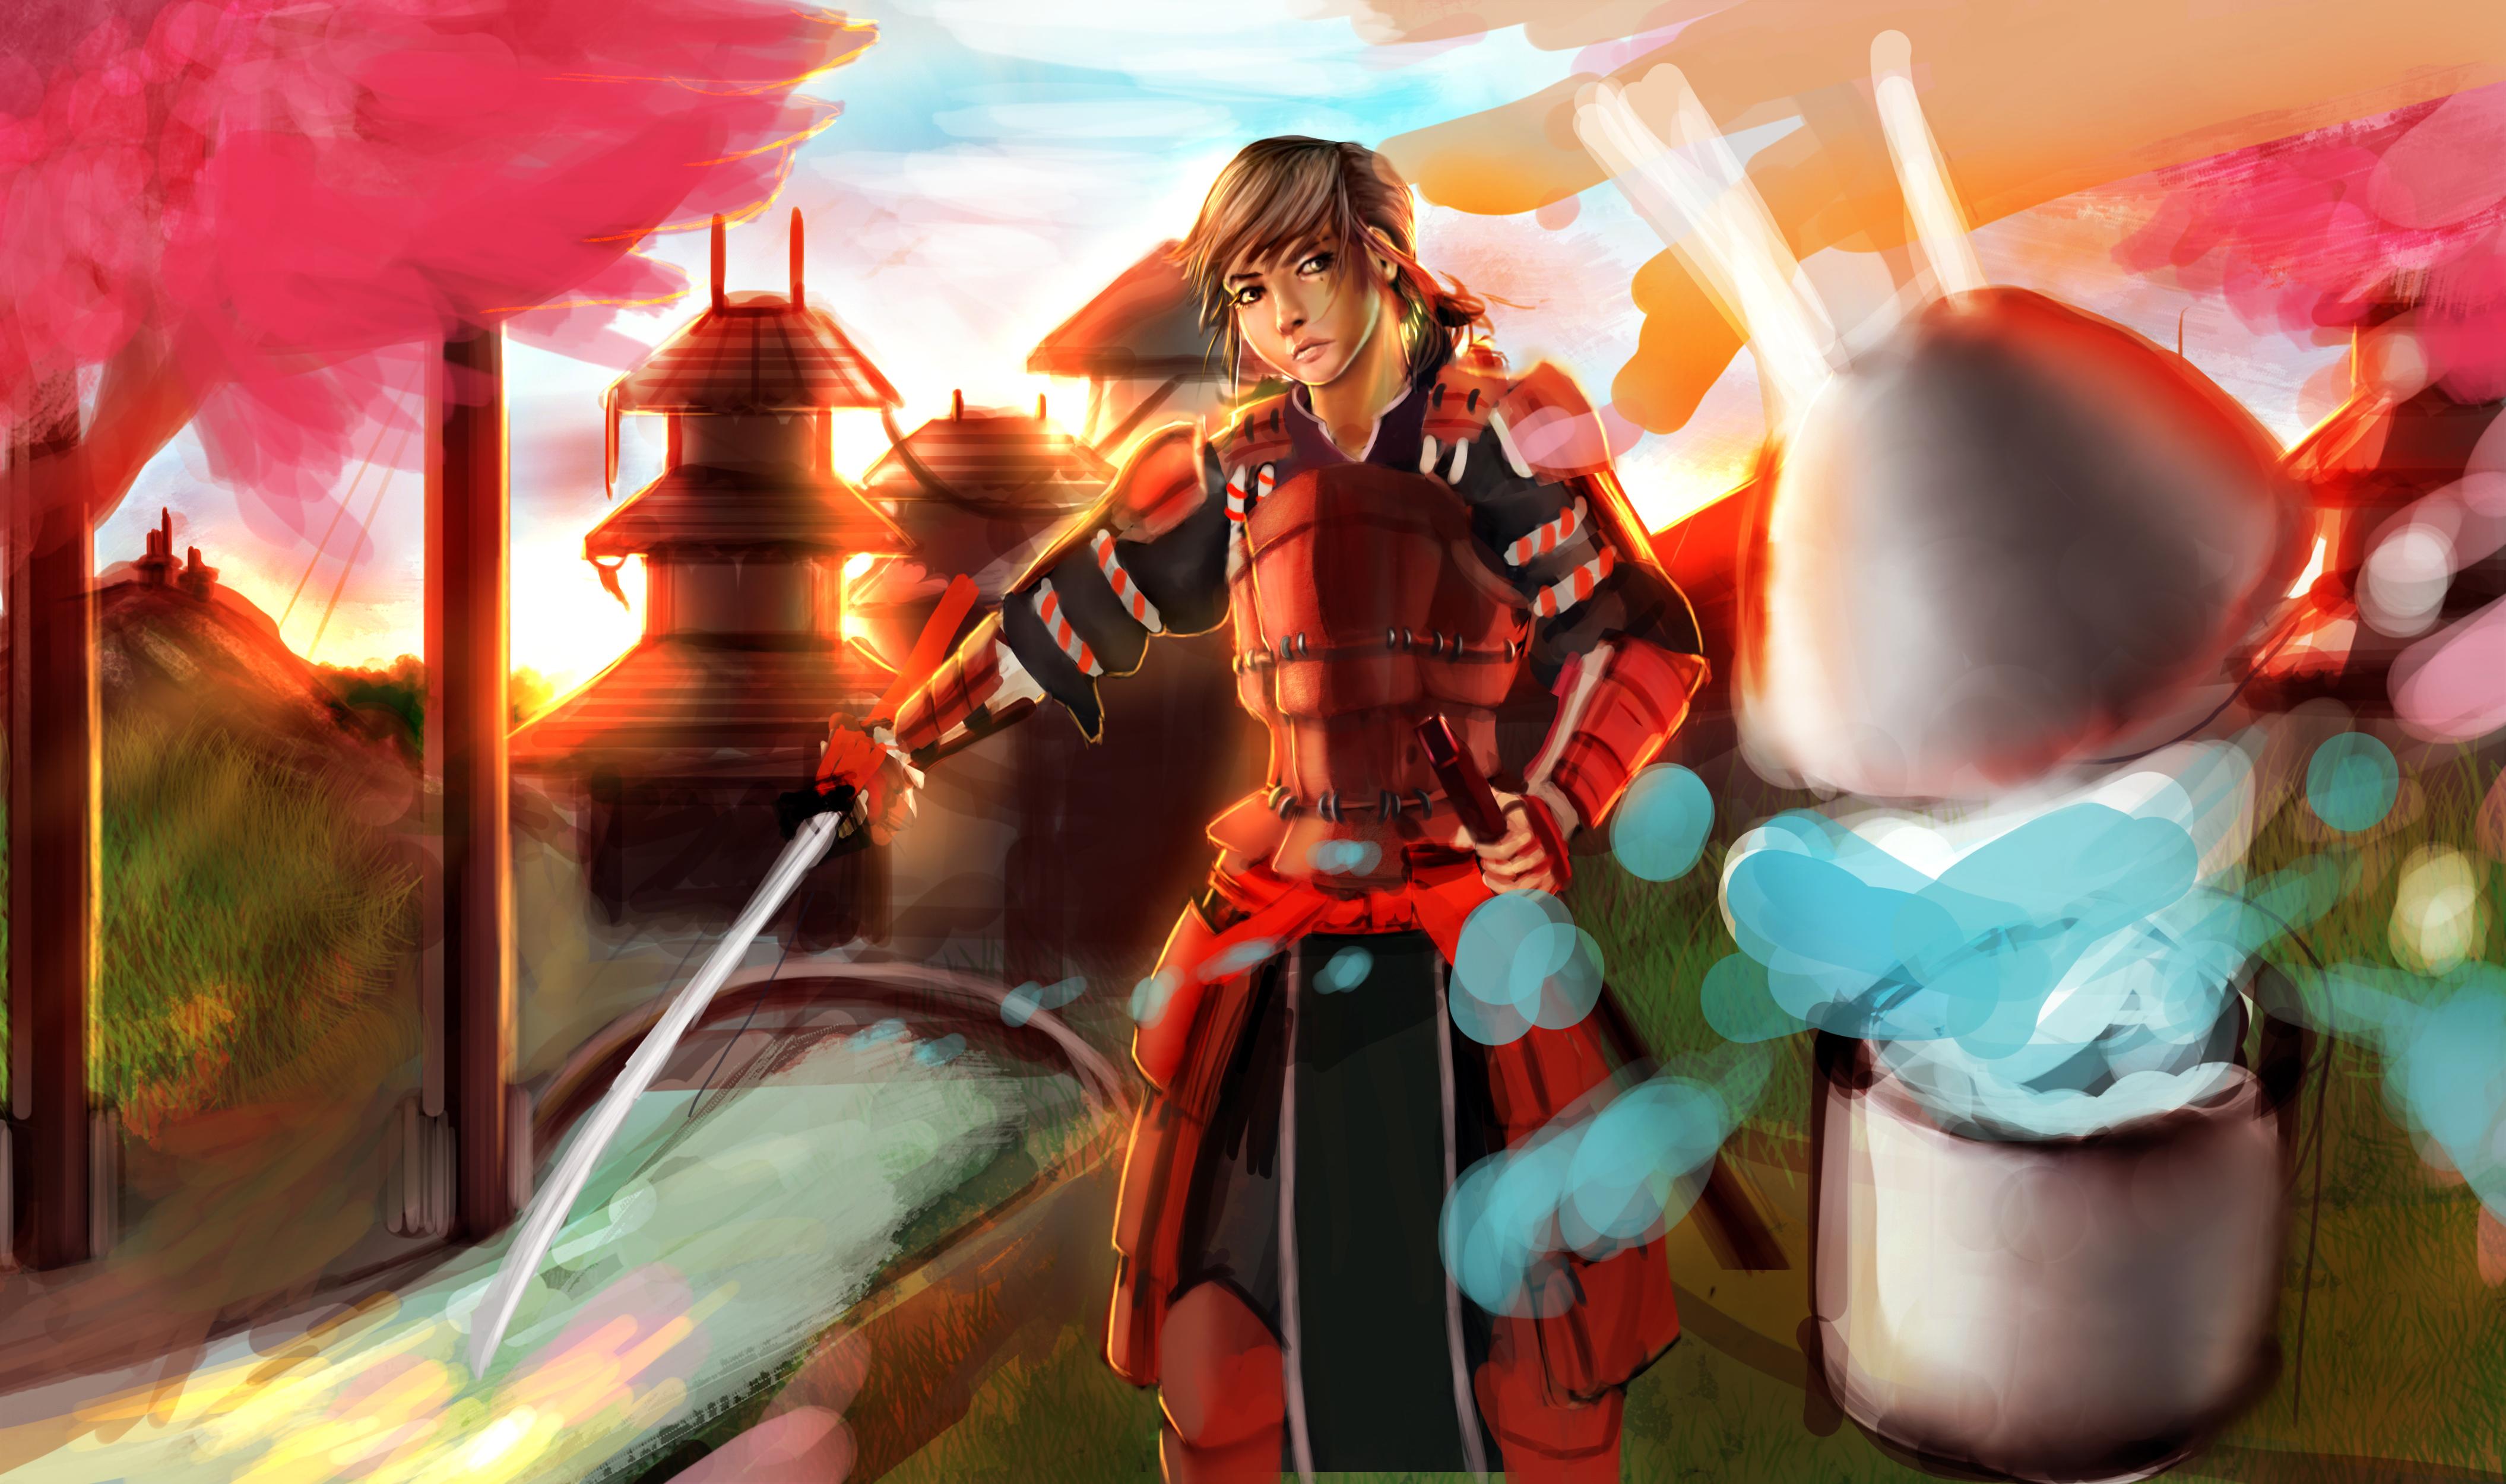 desafio dos desenhistas NEW VERSION - Página 2 Samurai_by_jp_vilela-d6hfxve